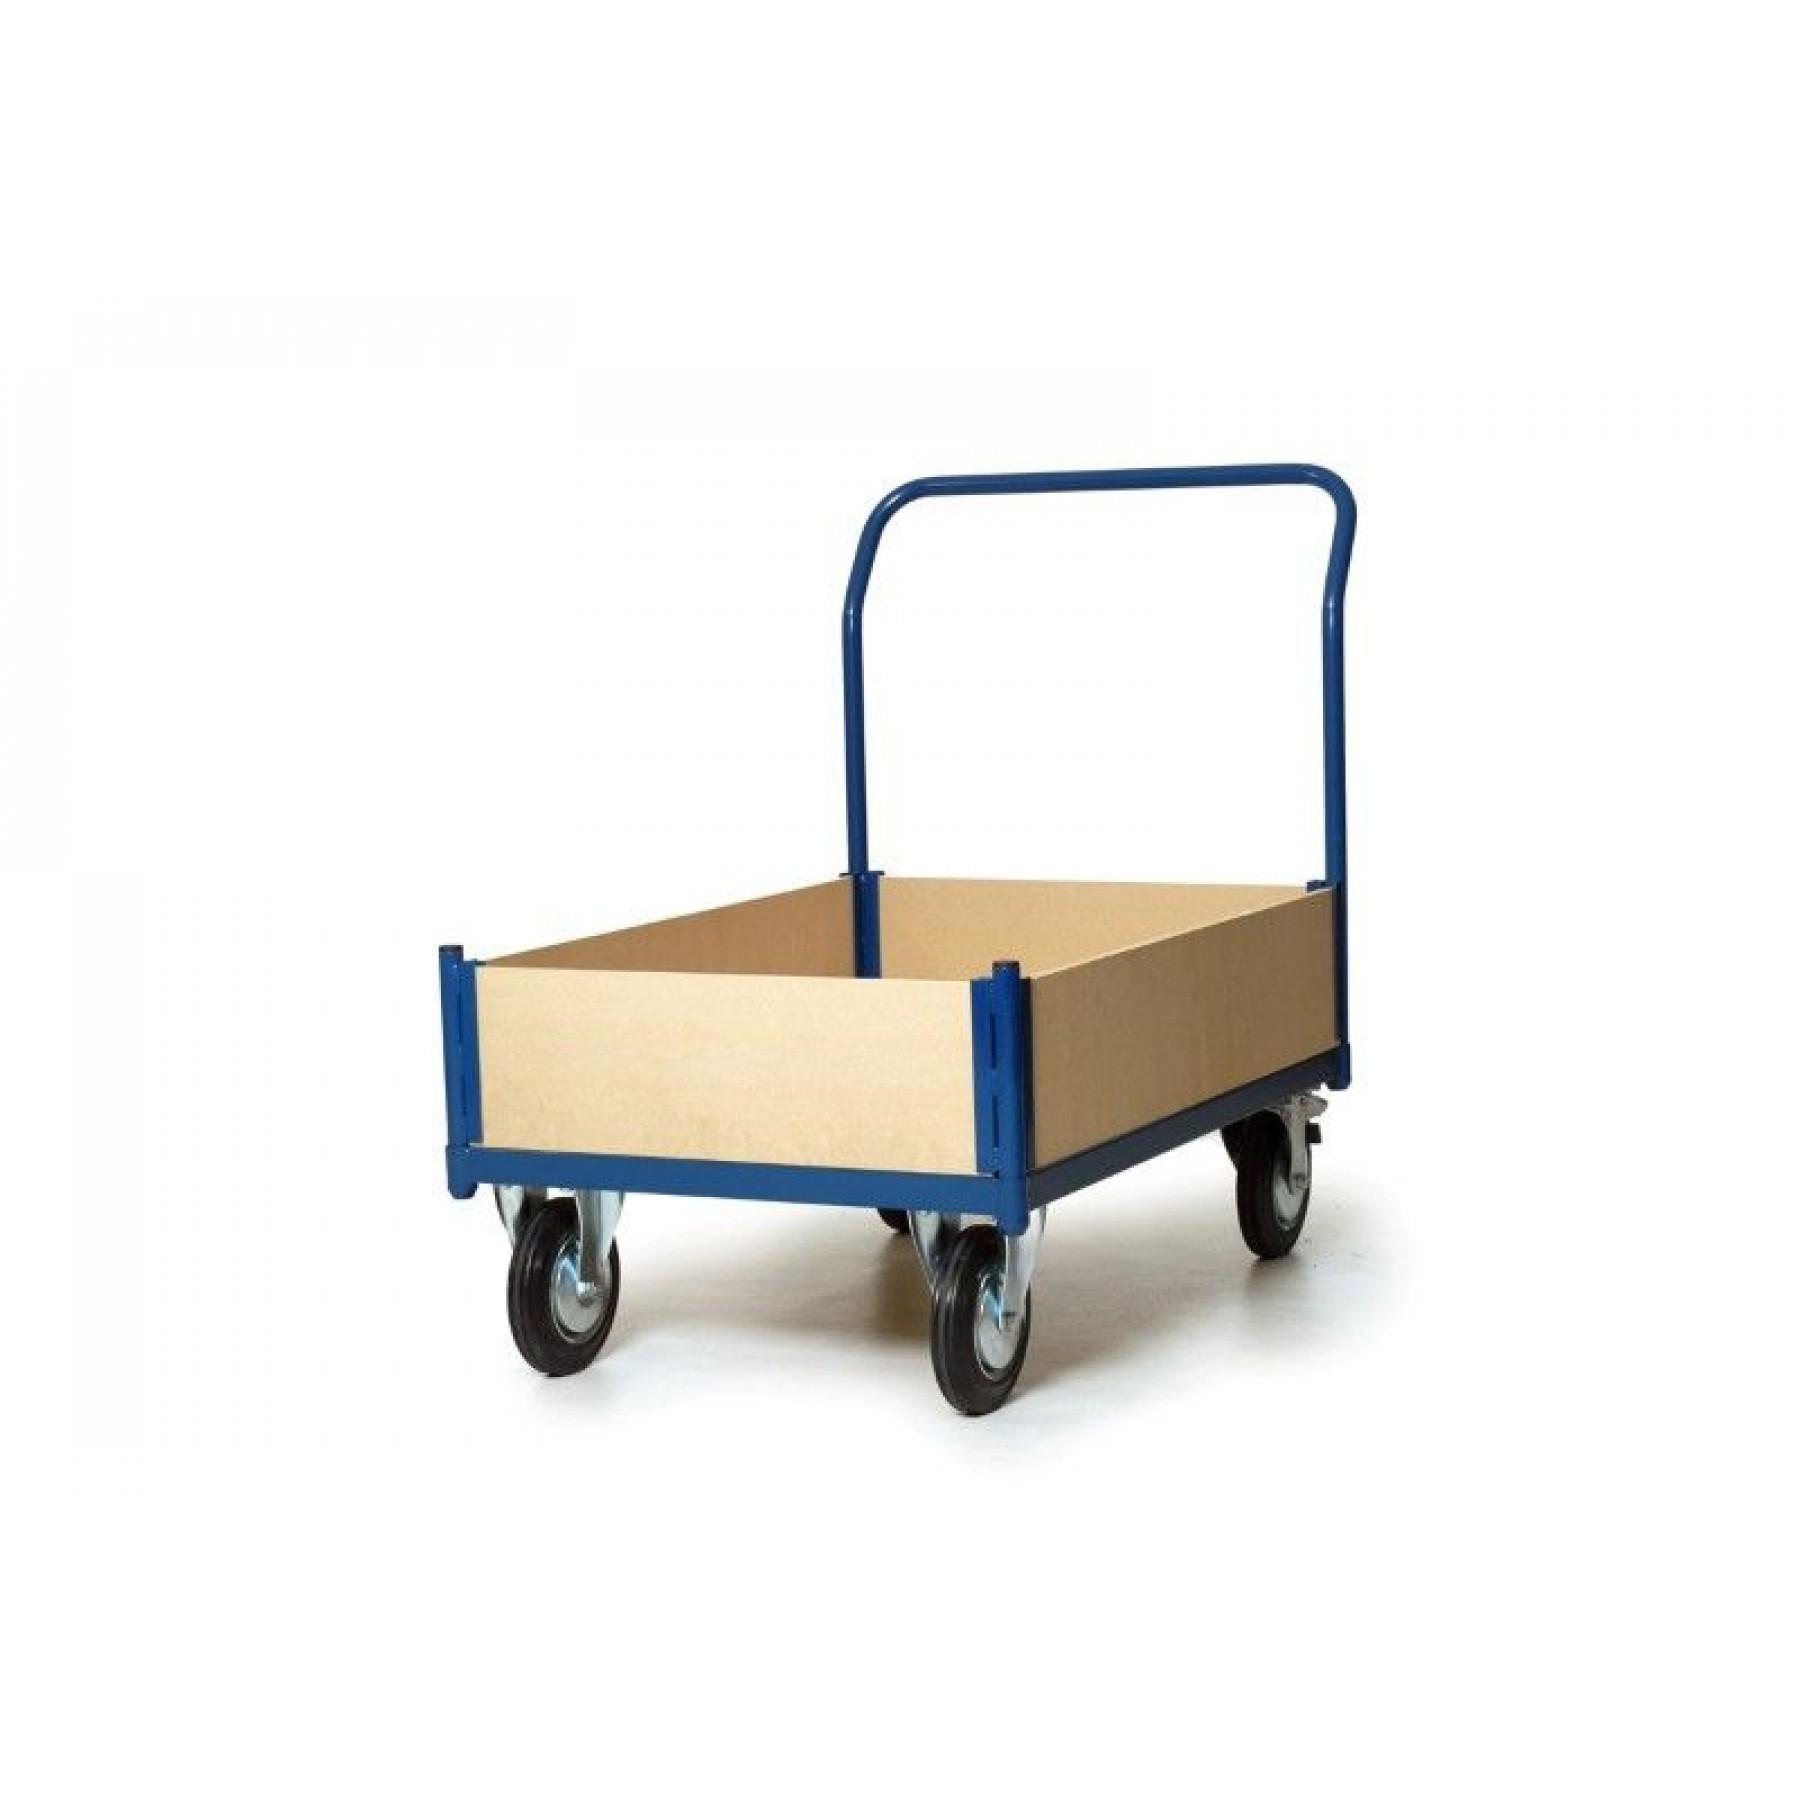 Houten bakwagen met houten laadvloer